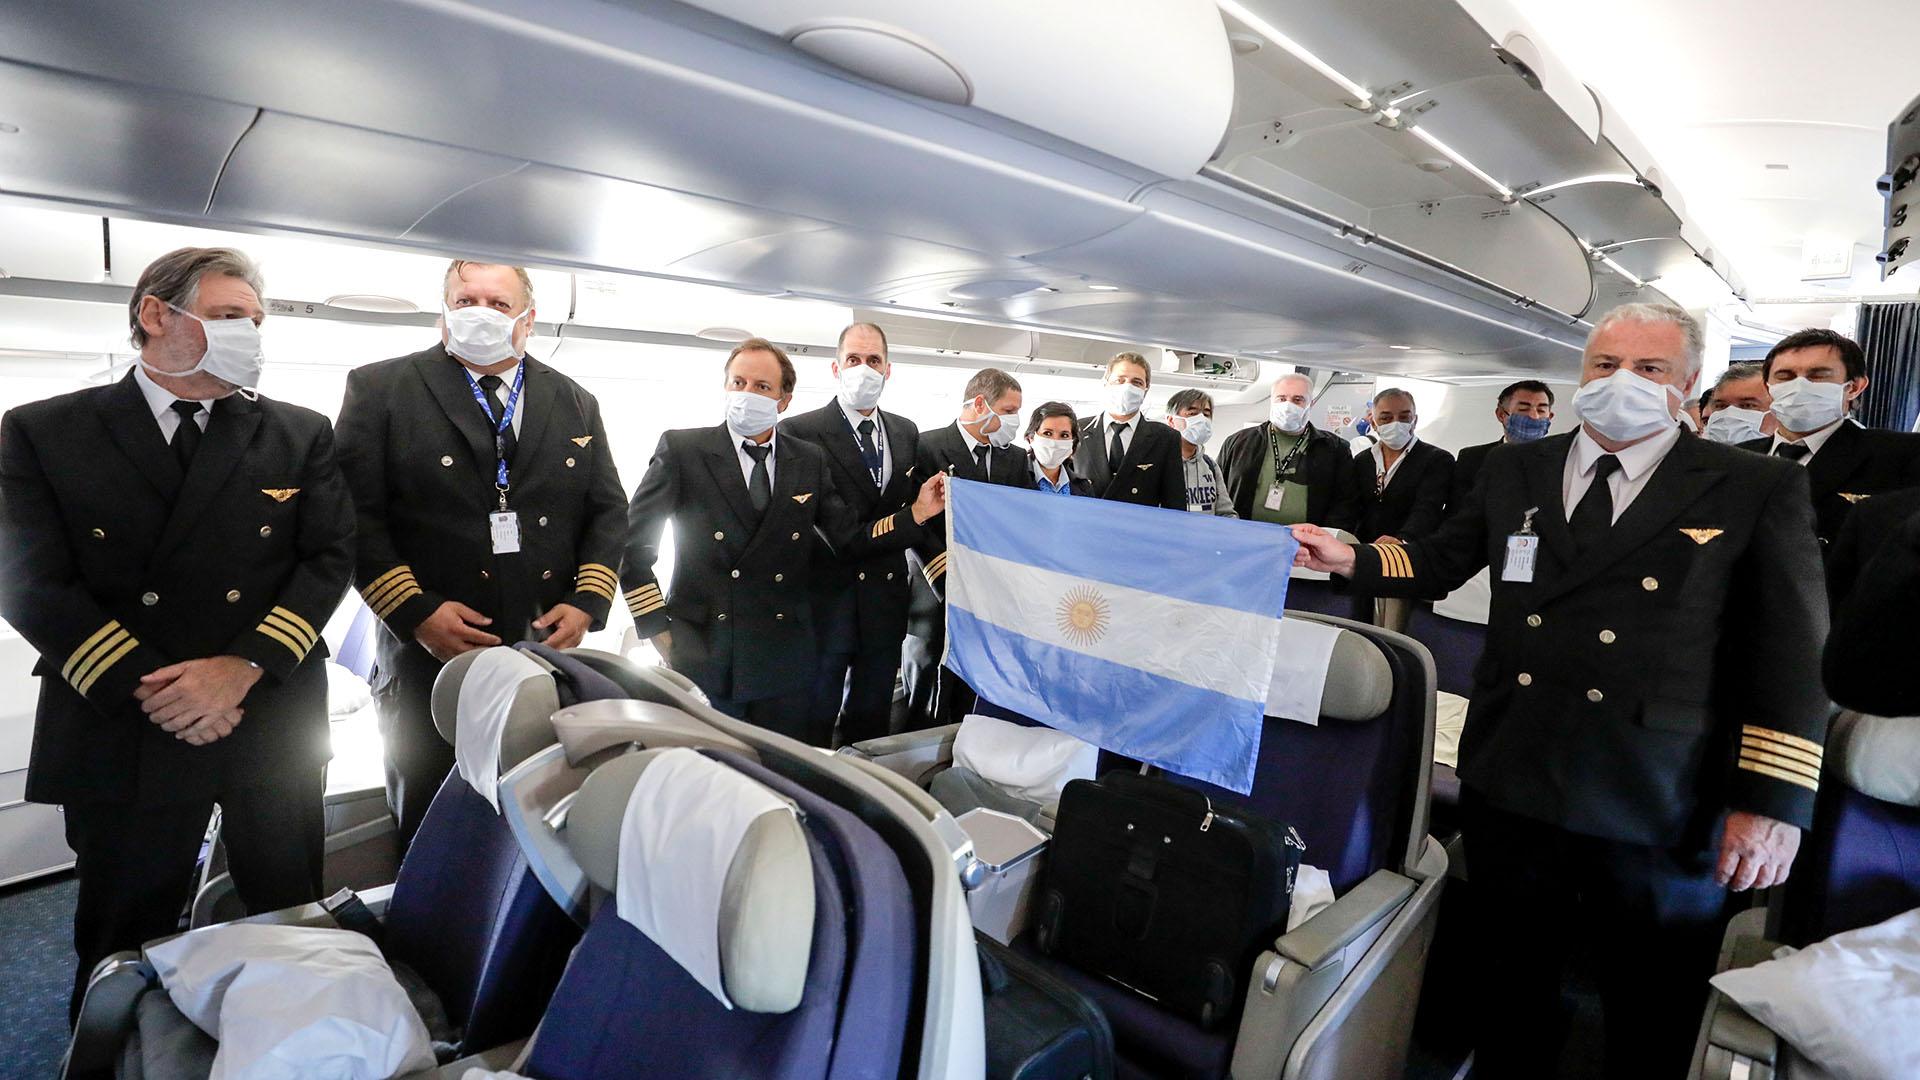 Parte de la tripulación del primer vuelo de Aerolíneas Argentinas que llegó al país el 18 de abril desde China con un cargamento de termómetros digitales, trajes de bioseguridad y kits de detección temprana de COVID-19 entre otros insumos críticos. También incluyó un millón de barbijos quirúrgicos, 150 mil barbijos especiales y 120 mil antiparras. La línea de bandera completará 24 vuelos para traer insumos especiales, a los que se sumarán tres barcos.